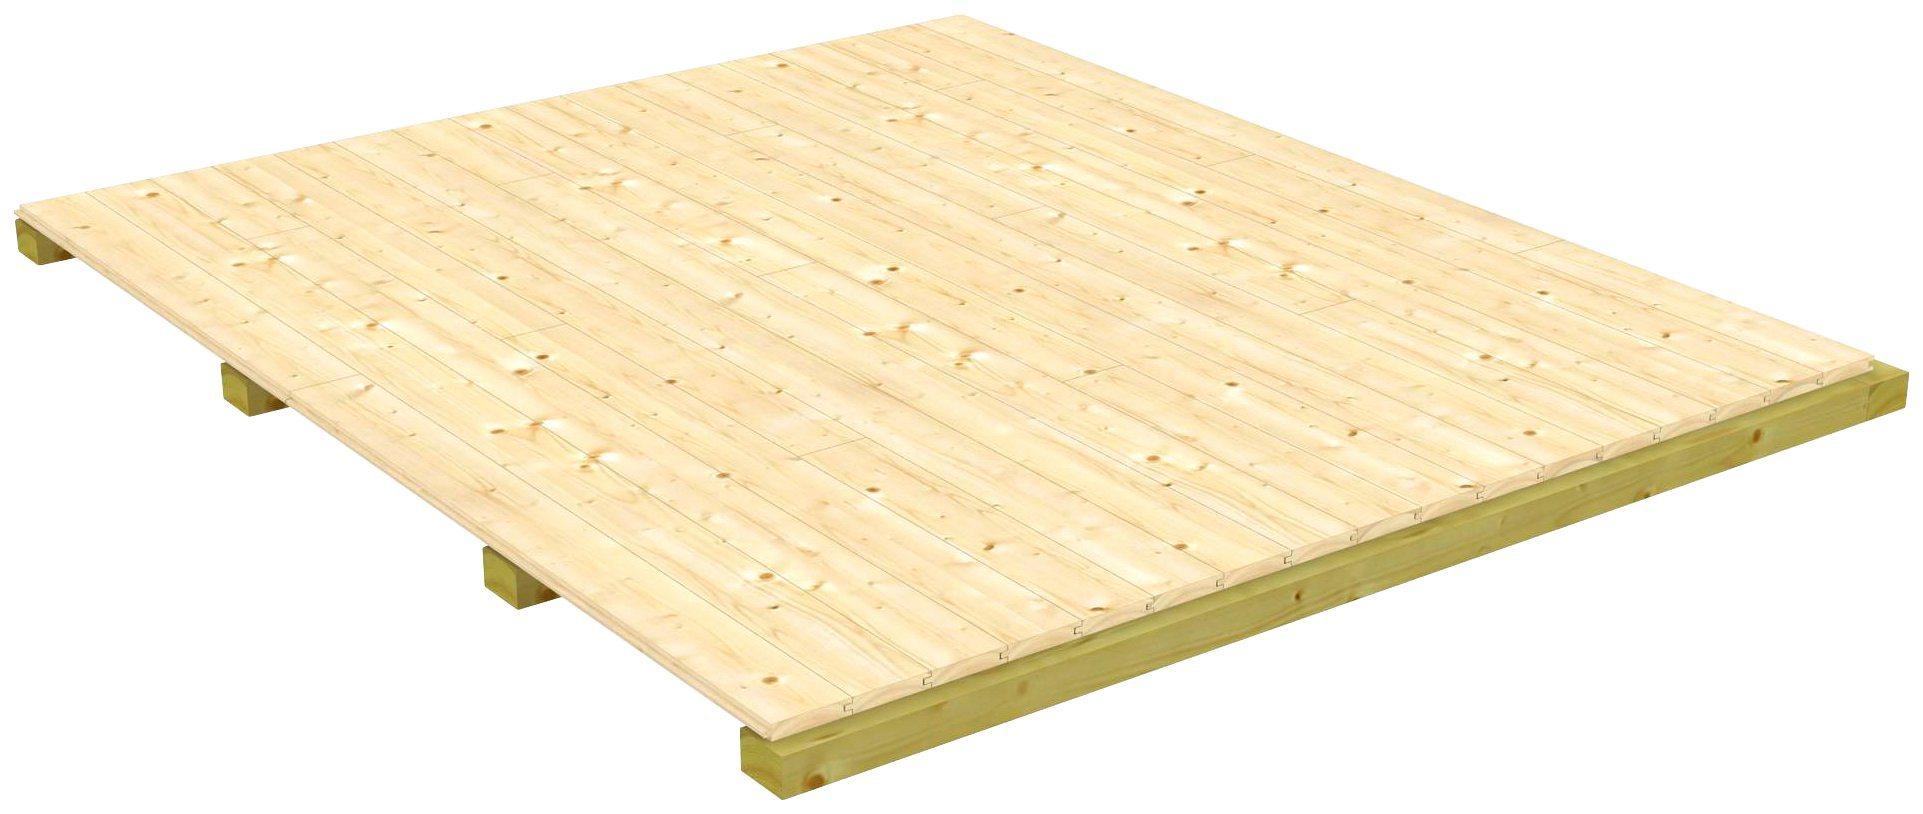 Fußboden für Gartenhäuser »Niendorf 1«, BxT: 387x297 cm | Garten > Gartenhäuser | Outdoor Life Products